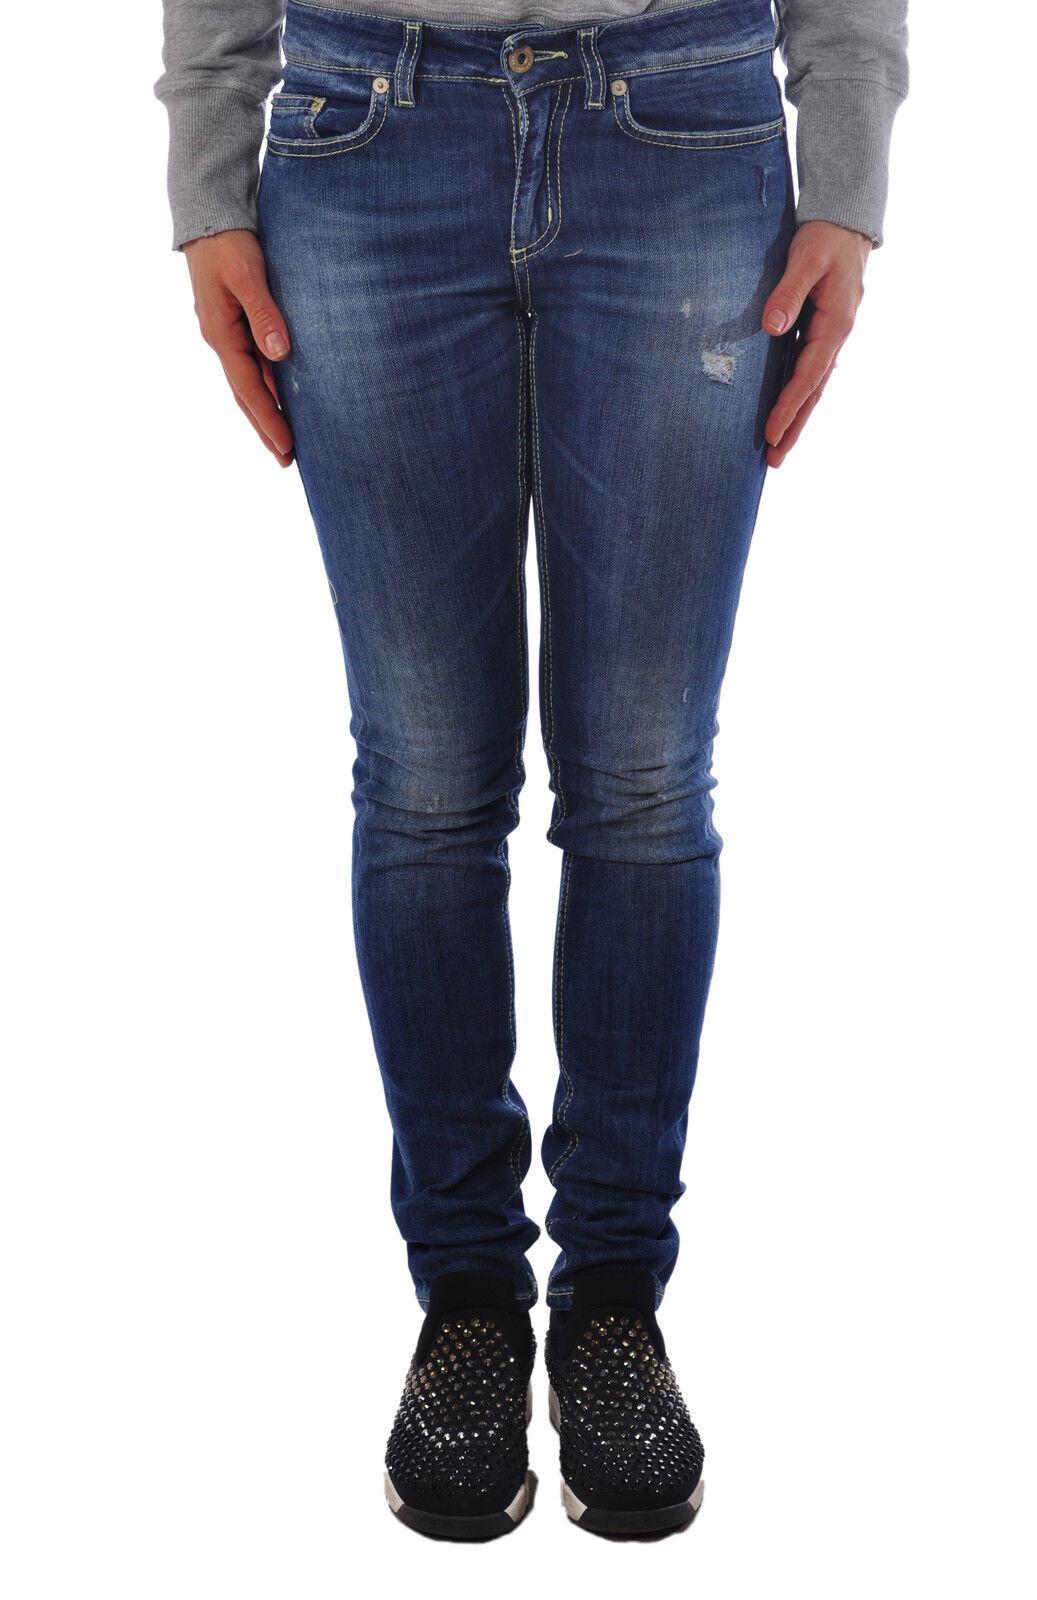 Dondup  -  Pants - Female - 30 - Denim - 1317702B162233